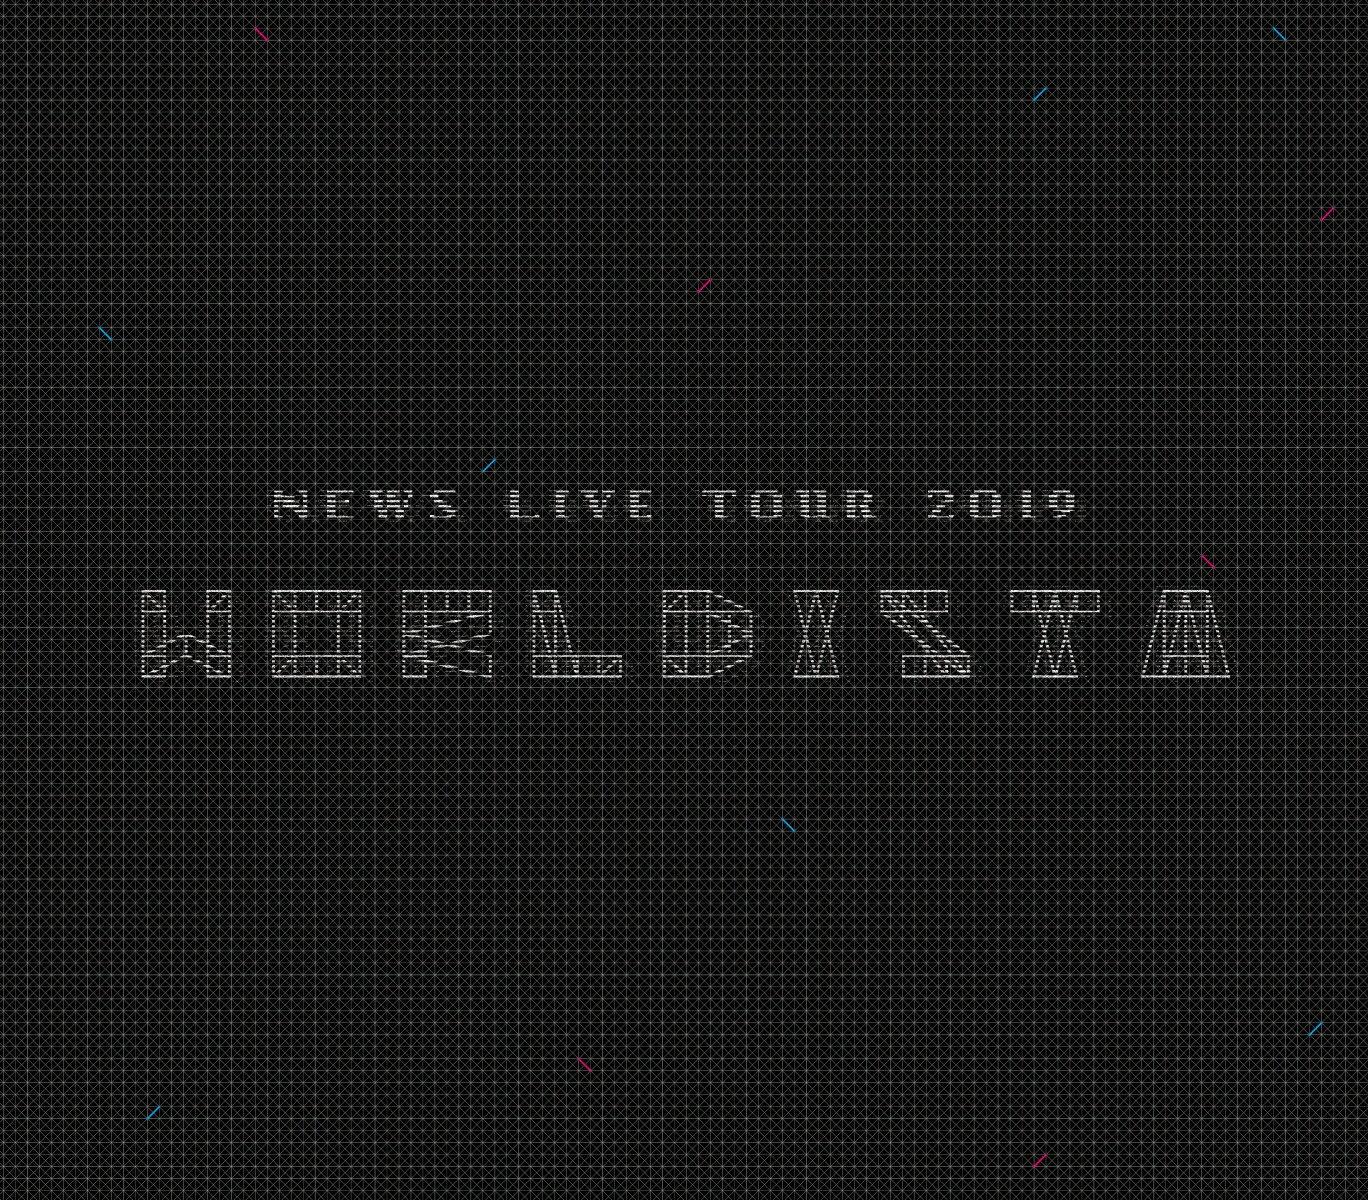 ミュージック, その他 NEWS LIVE TOUR 2019 WORLDISTA Blu-ray NEWS